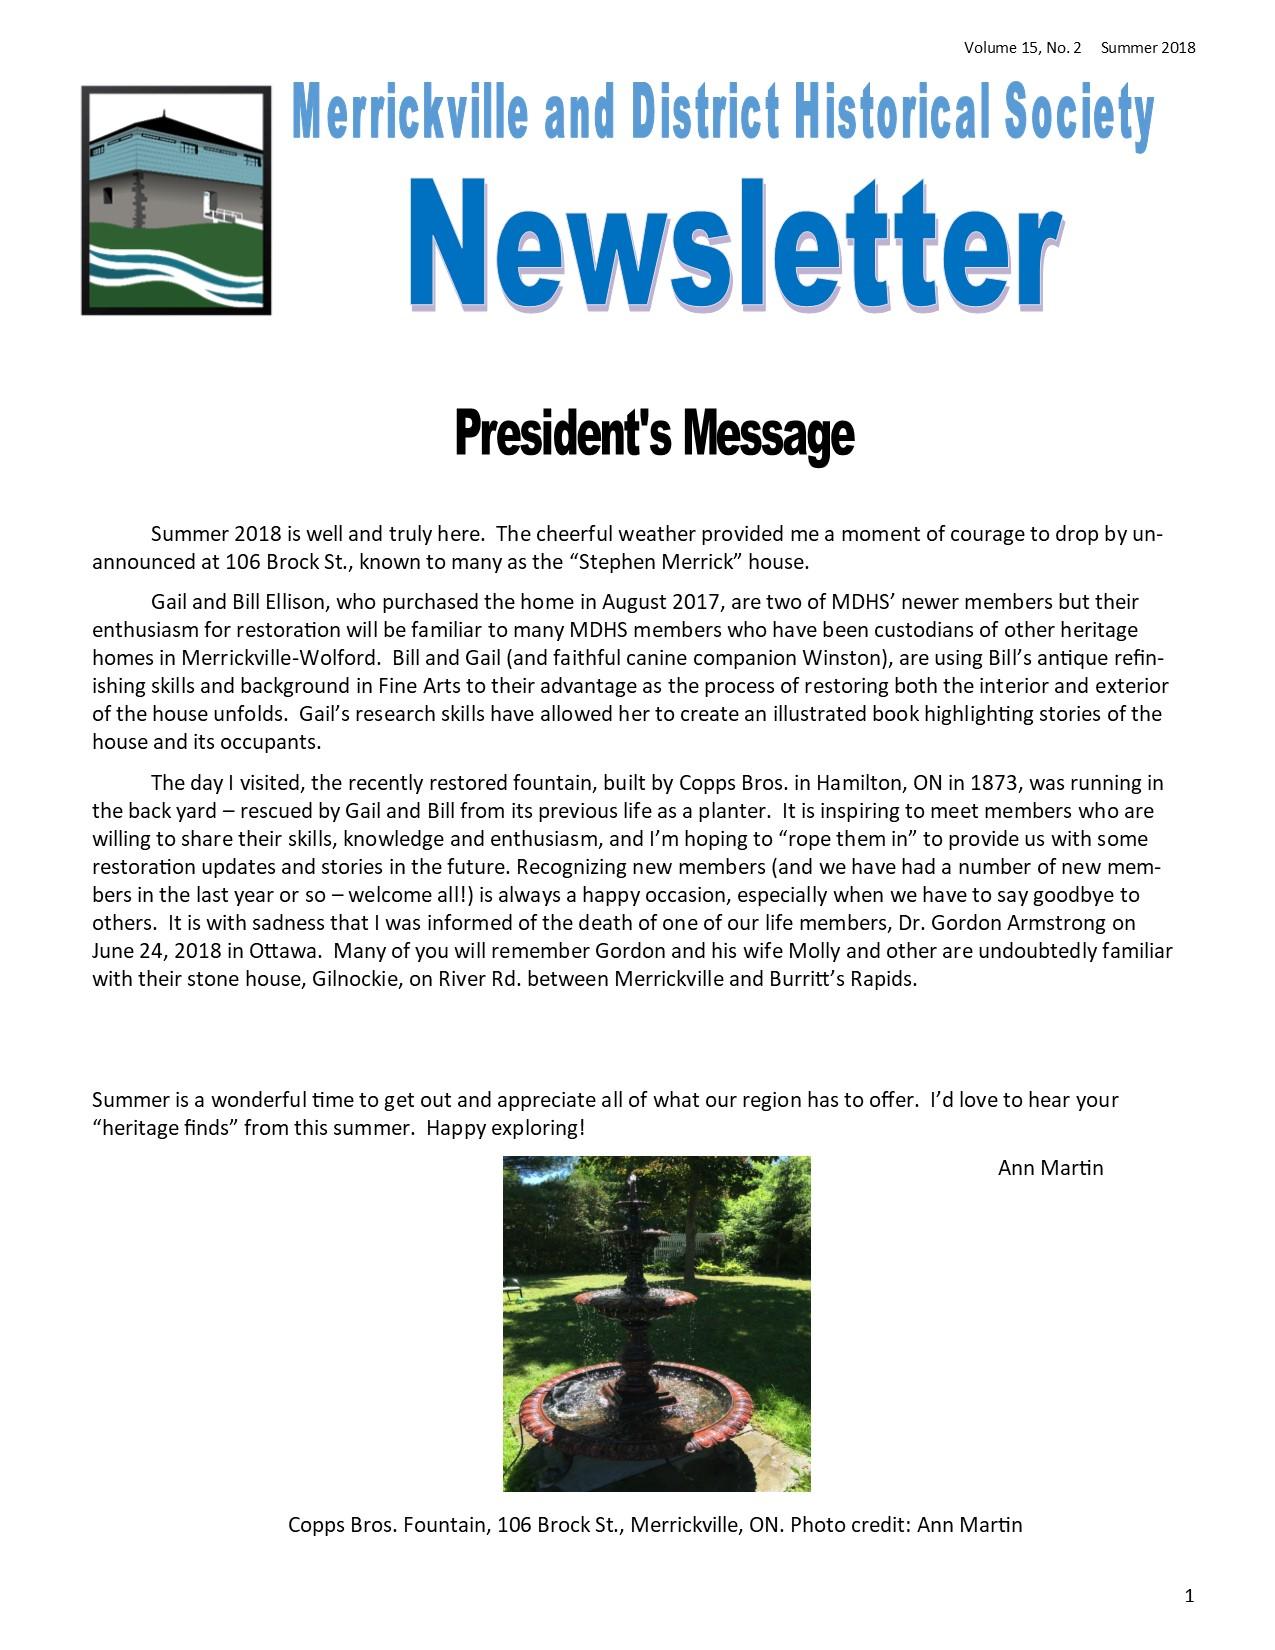 Newsletter Editor